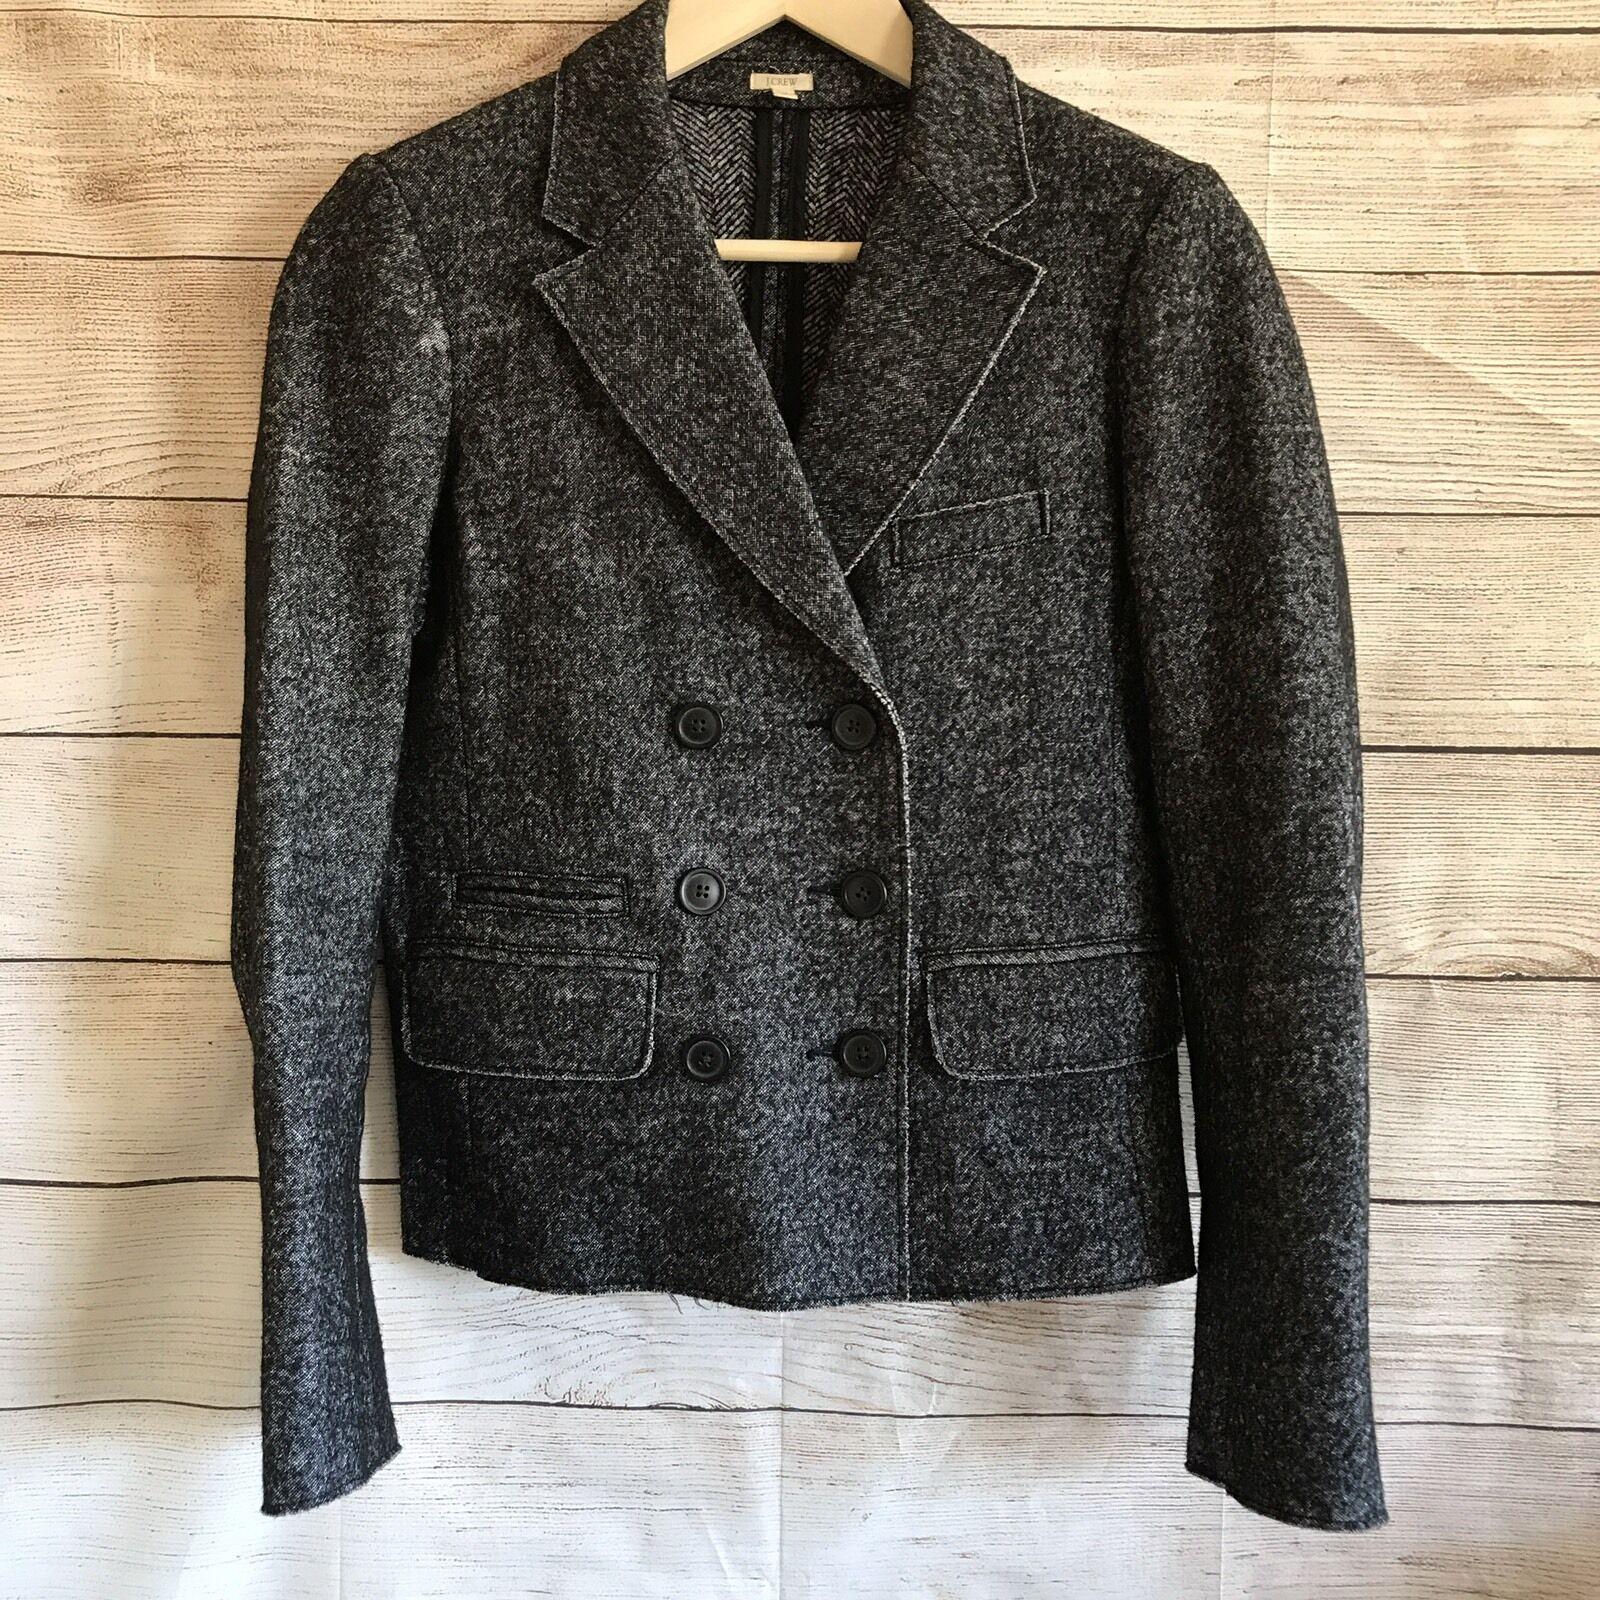 J Crew Womens Tweed Fekete gyapjú bokacsizma méret 4 Vastag kültéri viselet munkához